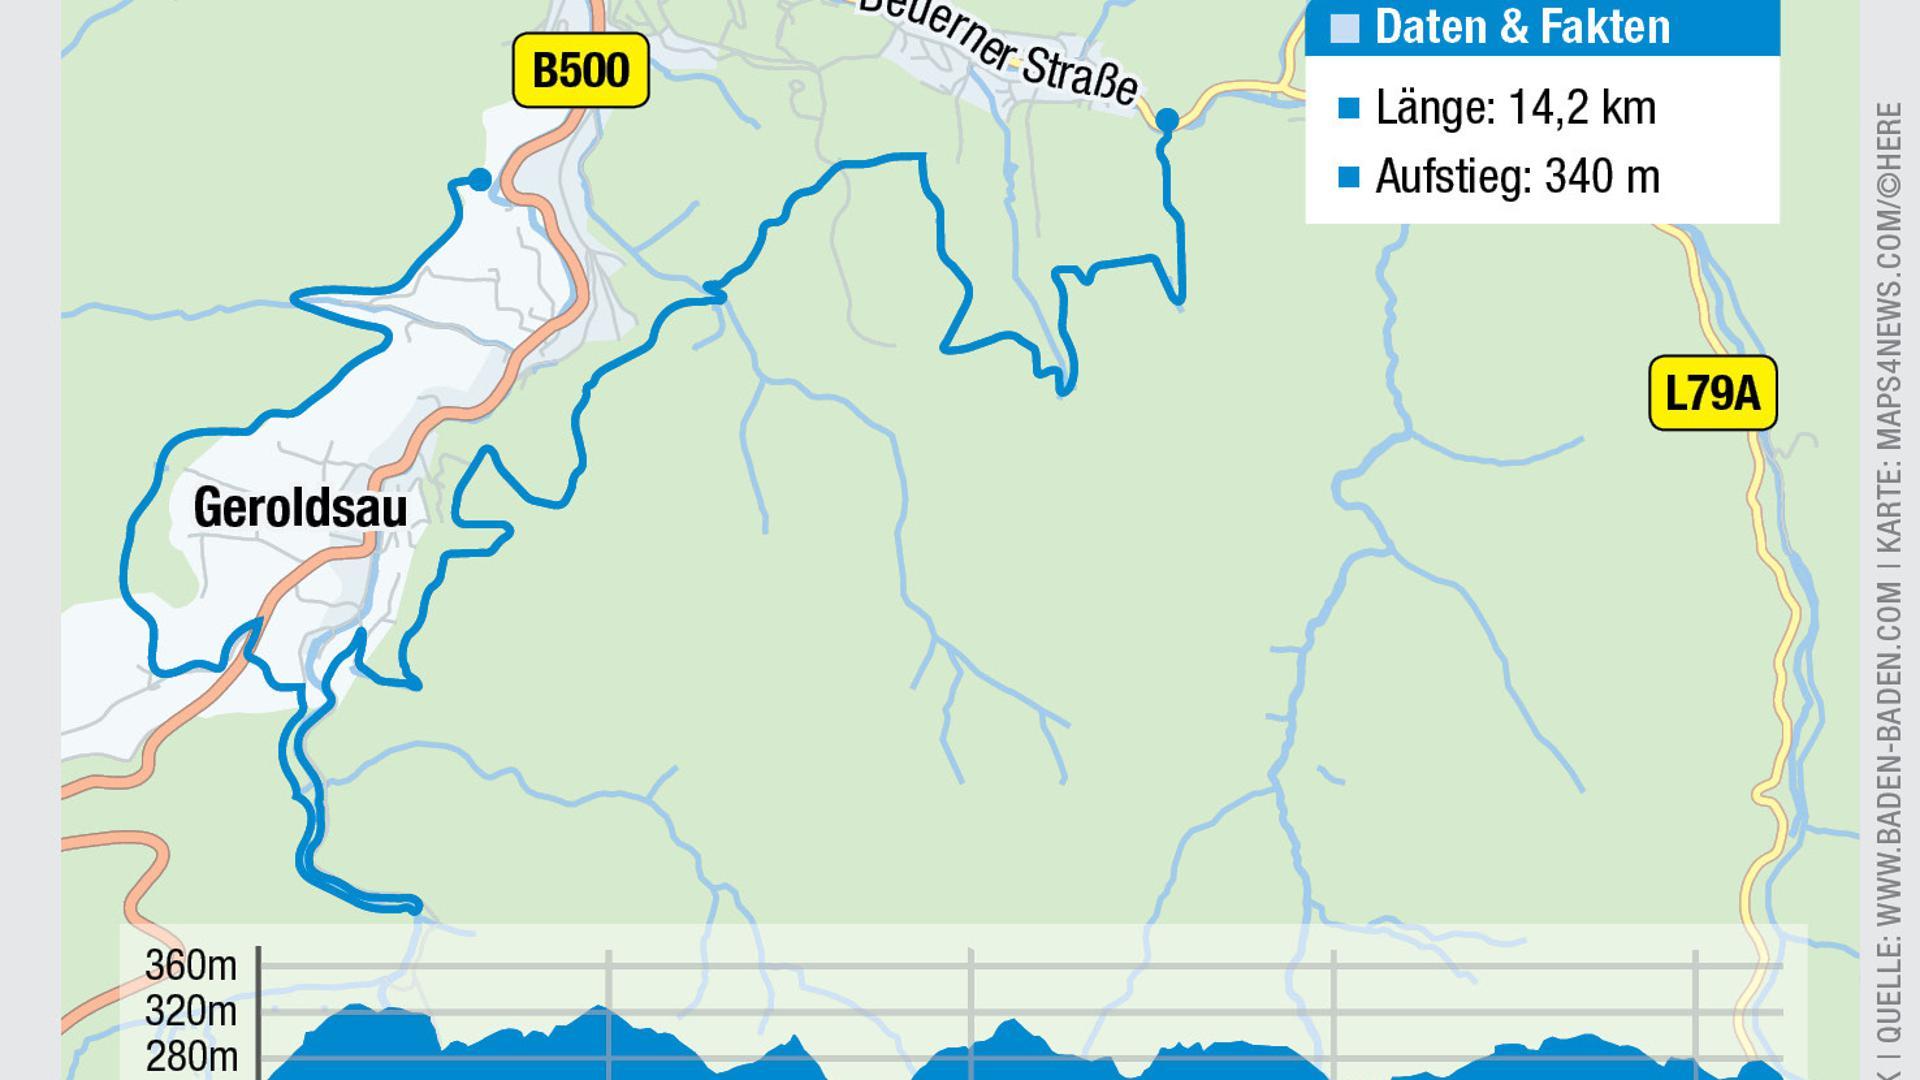 Karte mit der Route der dritten Etappe des Panoramawegs.